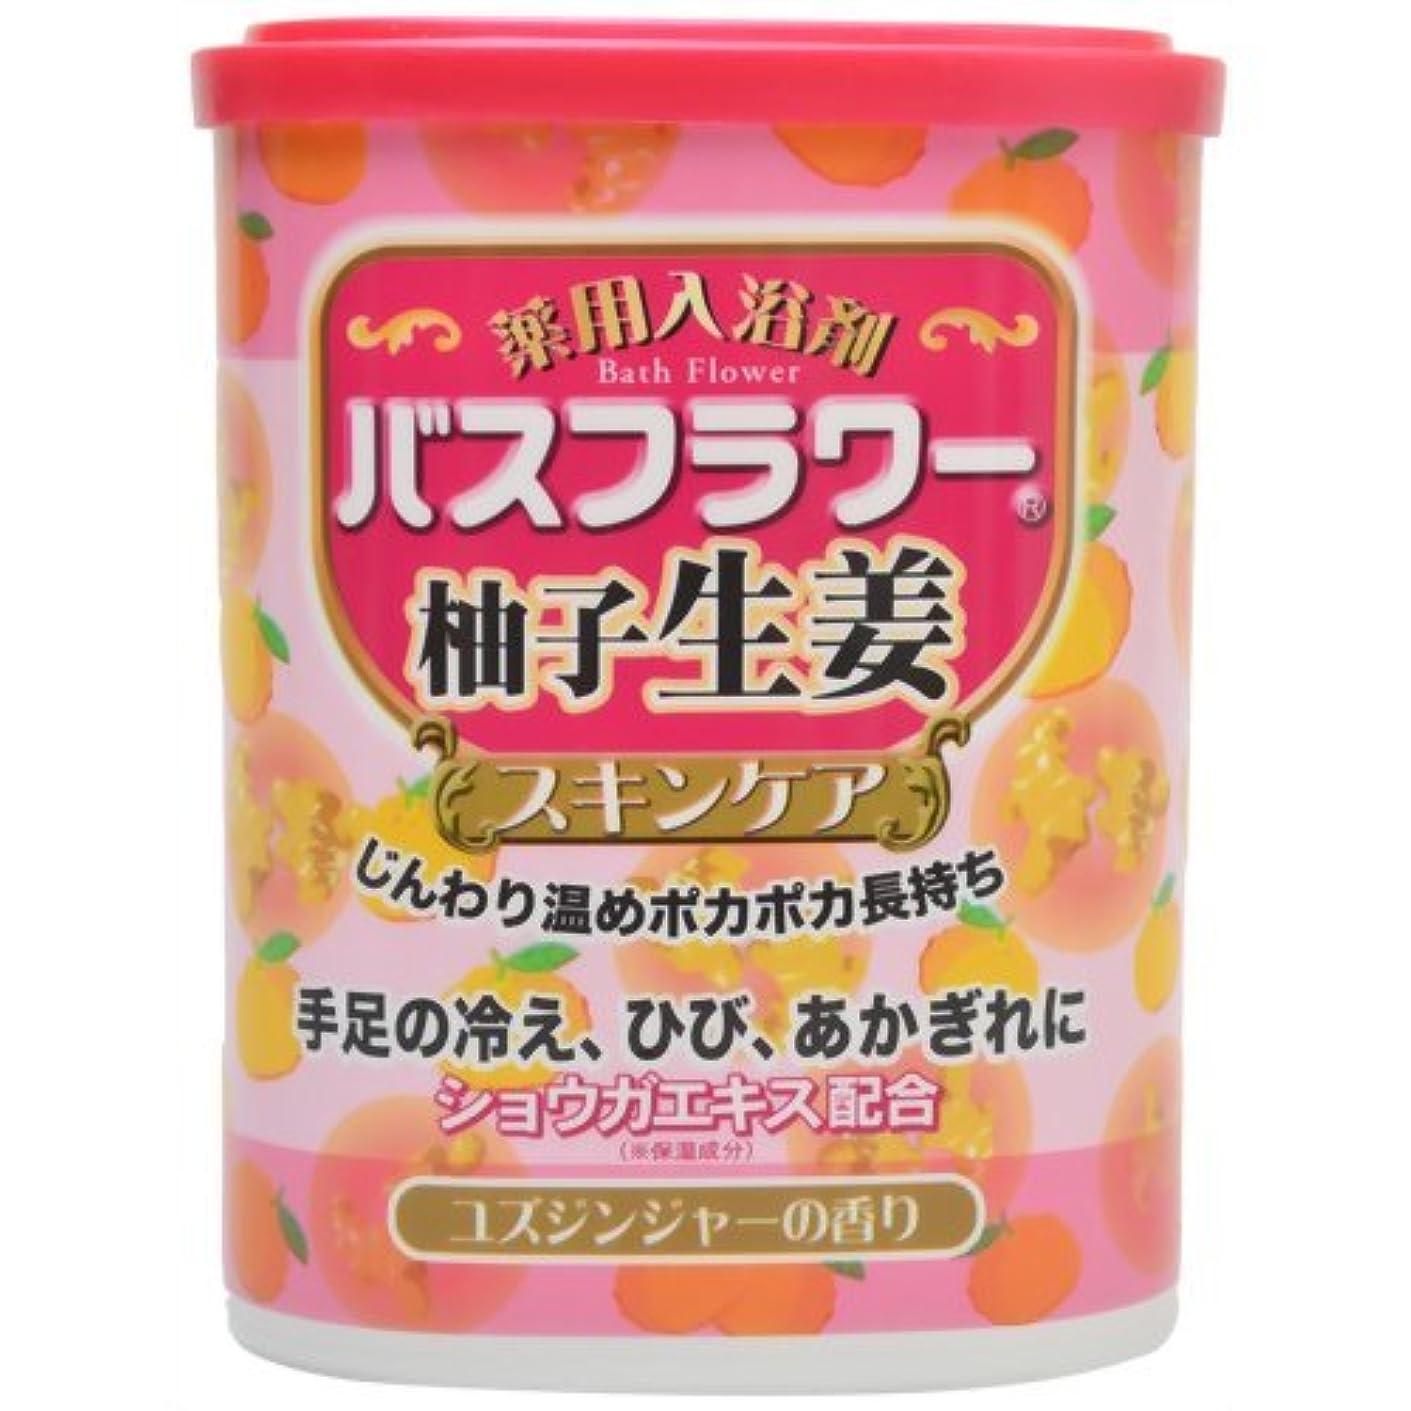 すべて裏切り者希望に満ちたバスフラワー 薬用入浴剤スキンケア柚子生姜 680g